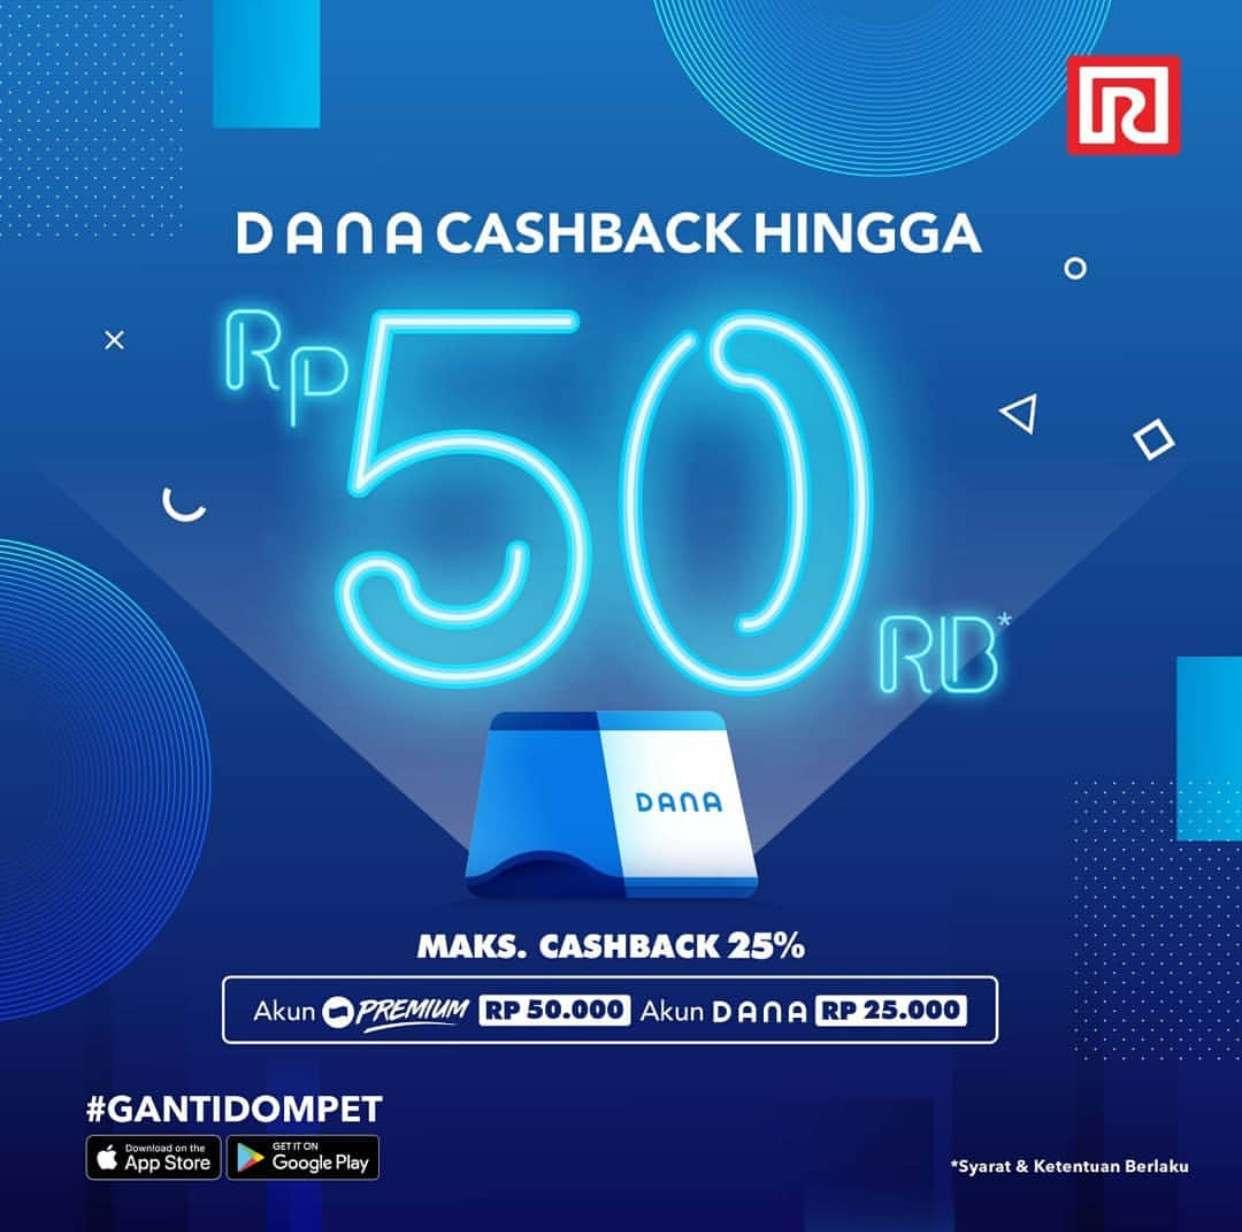 Diskon Ramayana Promo Cashback hingga Rp. 50.000 dengan Dana